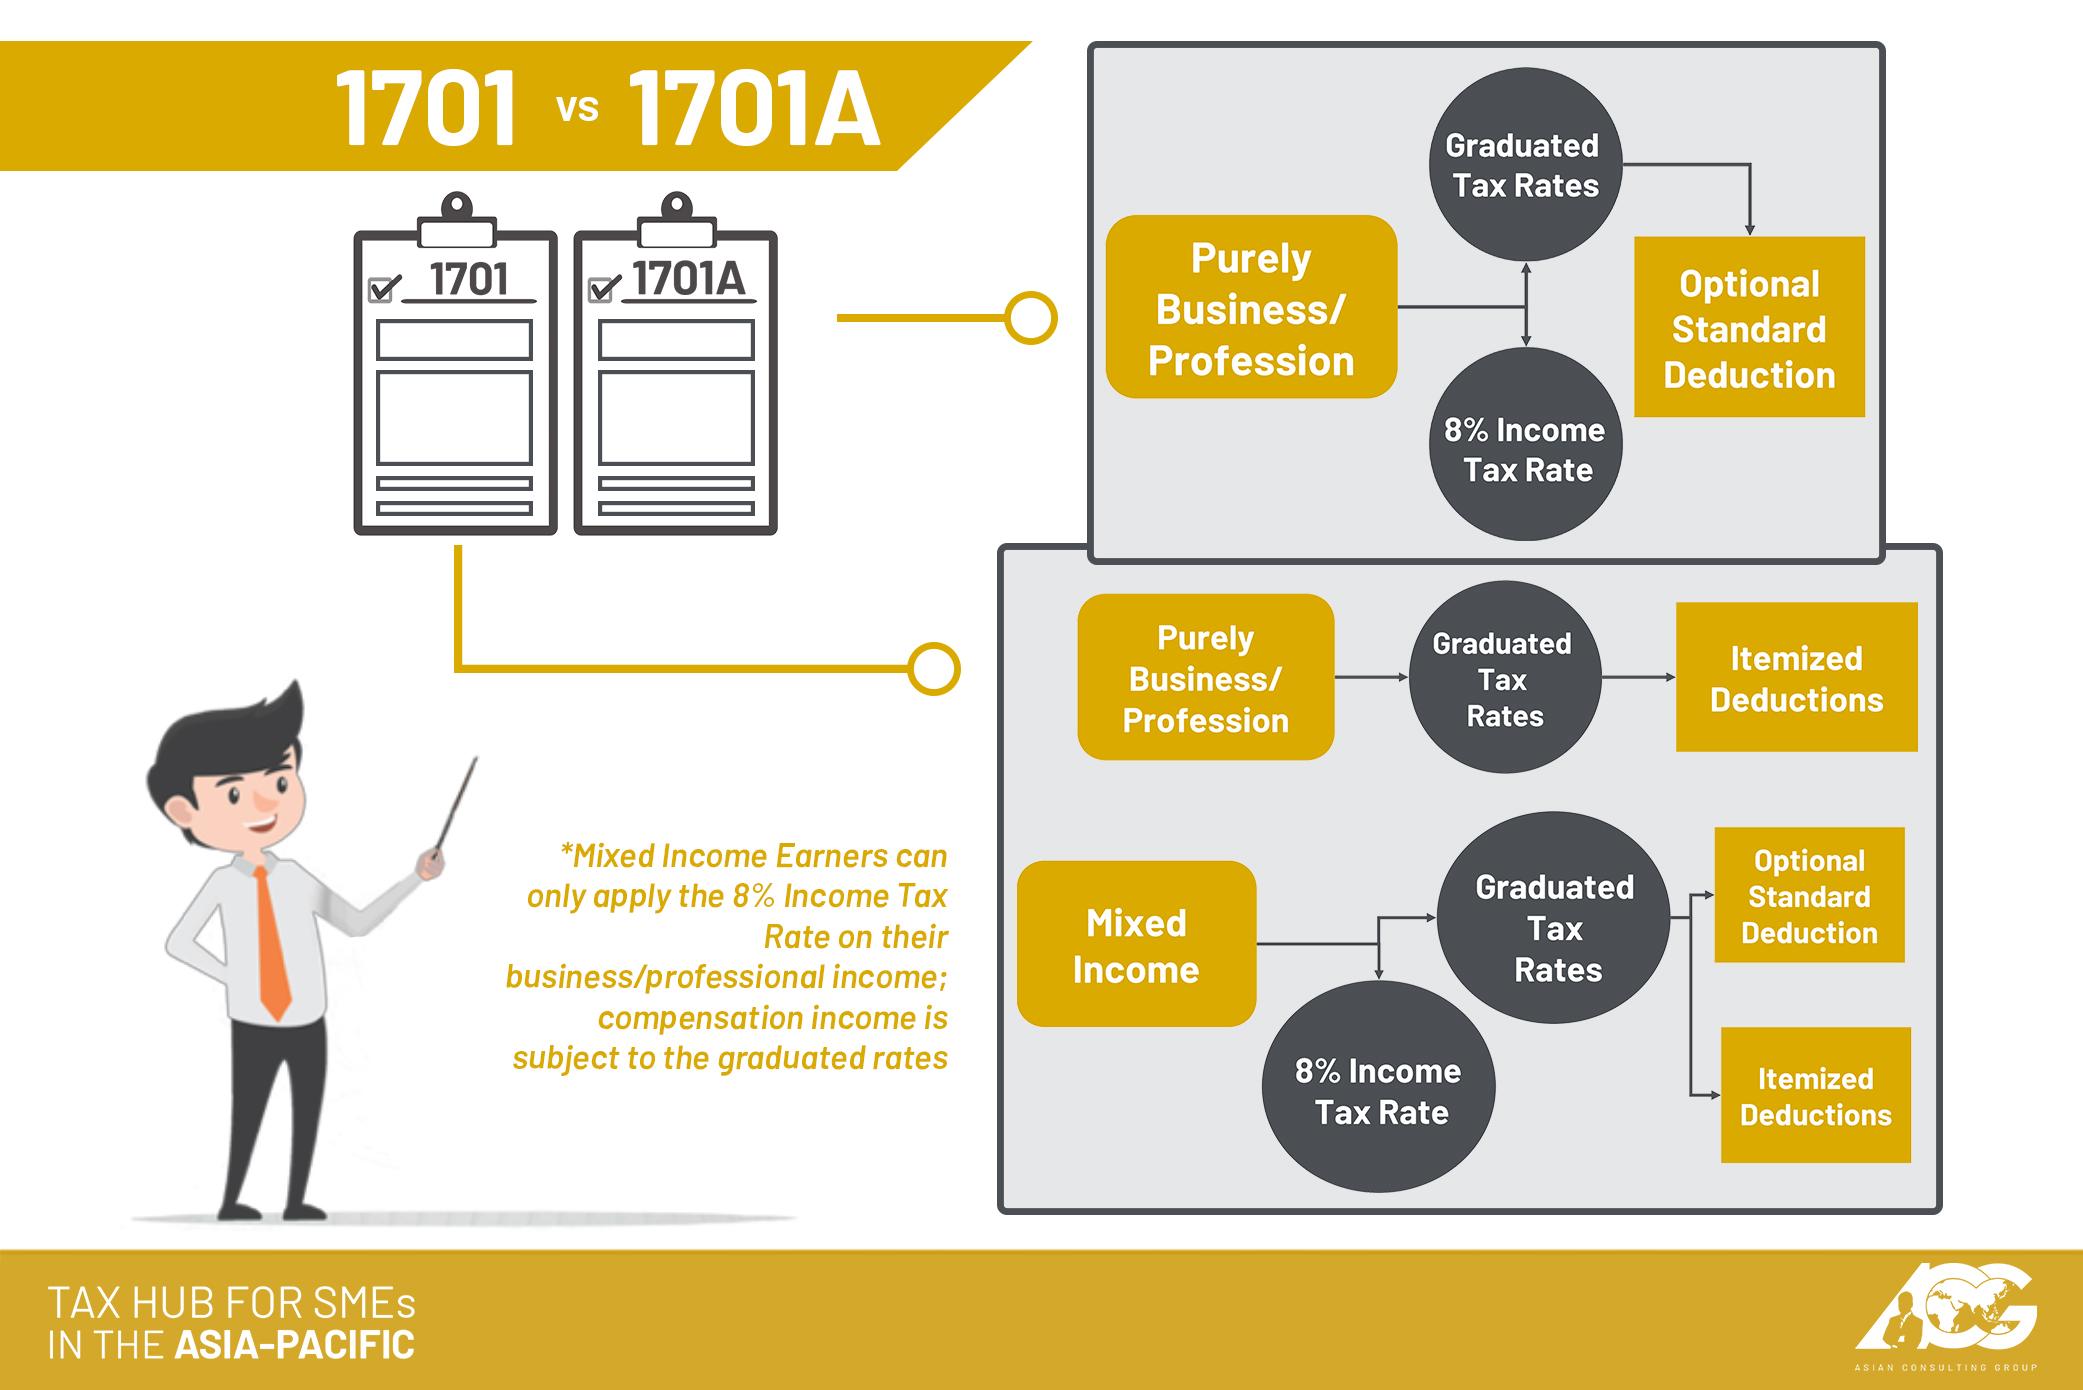 AskTheTaxWhiz: Should I use BIR Form No  1701 or 1701A?